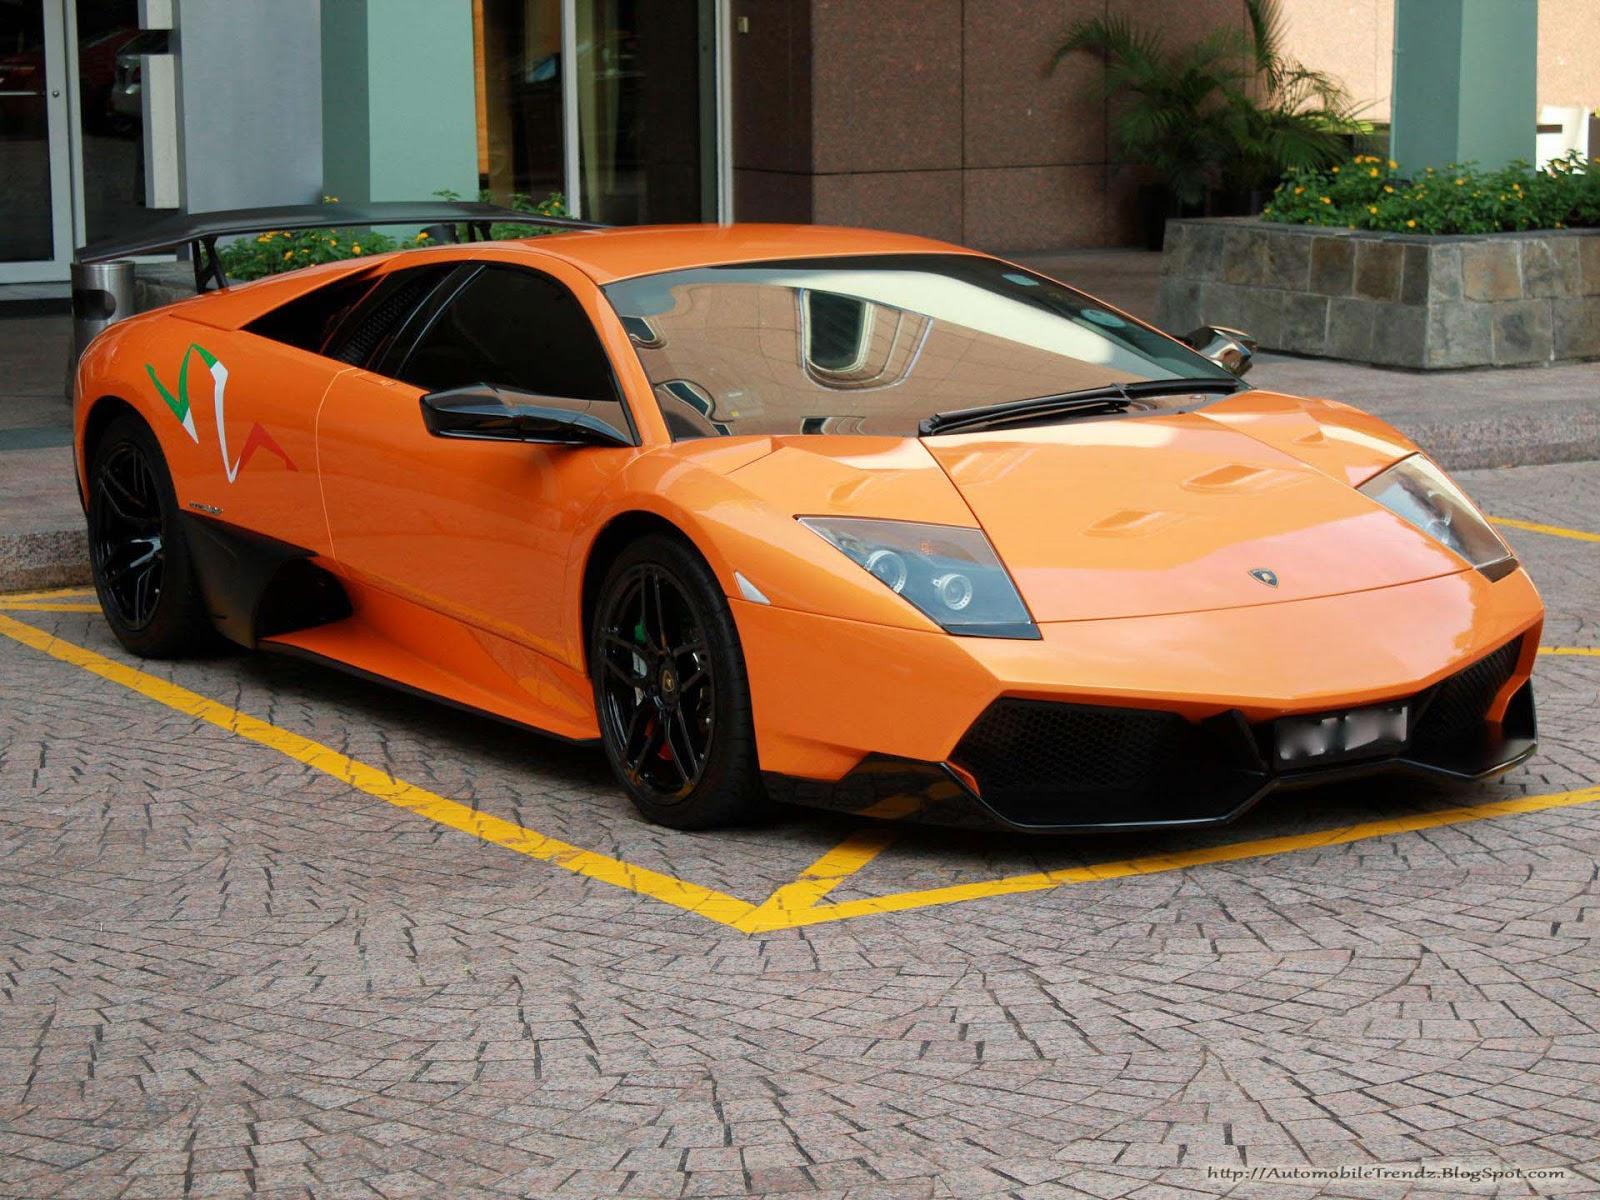 Automobile Trendz Lamborghini Murcielago Lp670 4 Sv